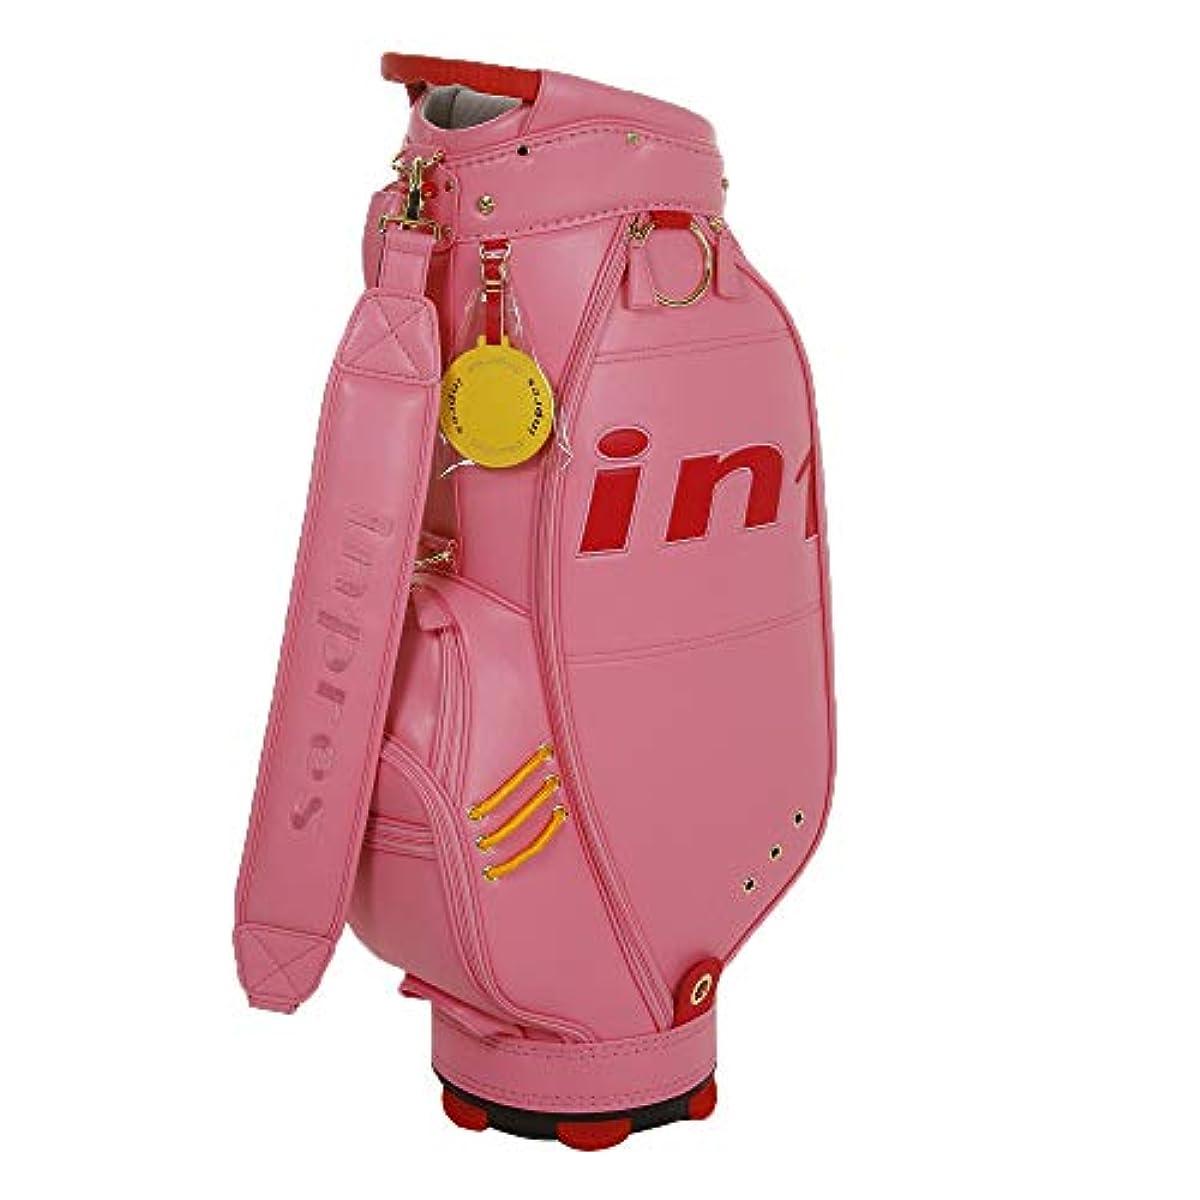 [해외] YAMAHA(야마하) INPRES(임프레스) UD+2 2019년 모델 캐데이백 Y19CBIL 9인치 핑크